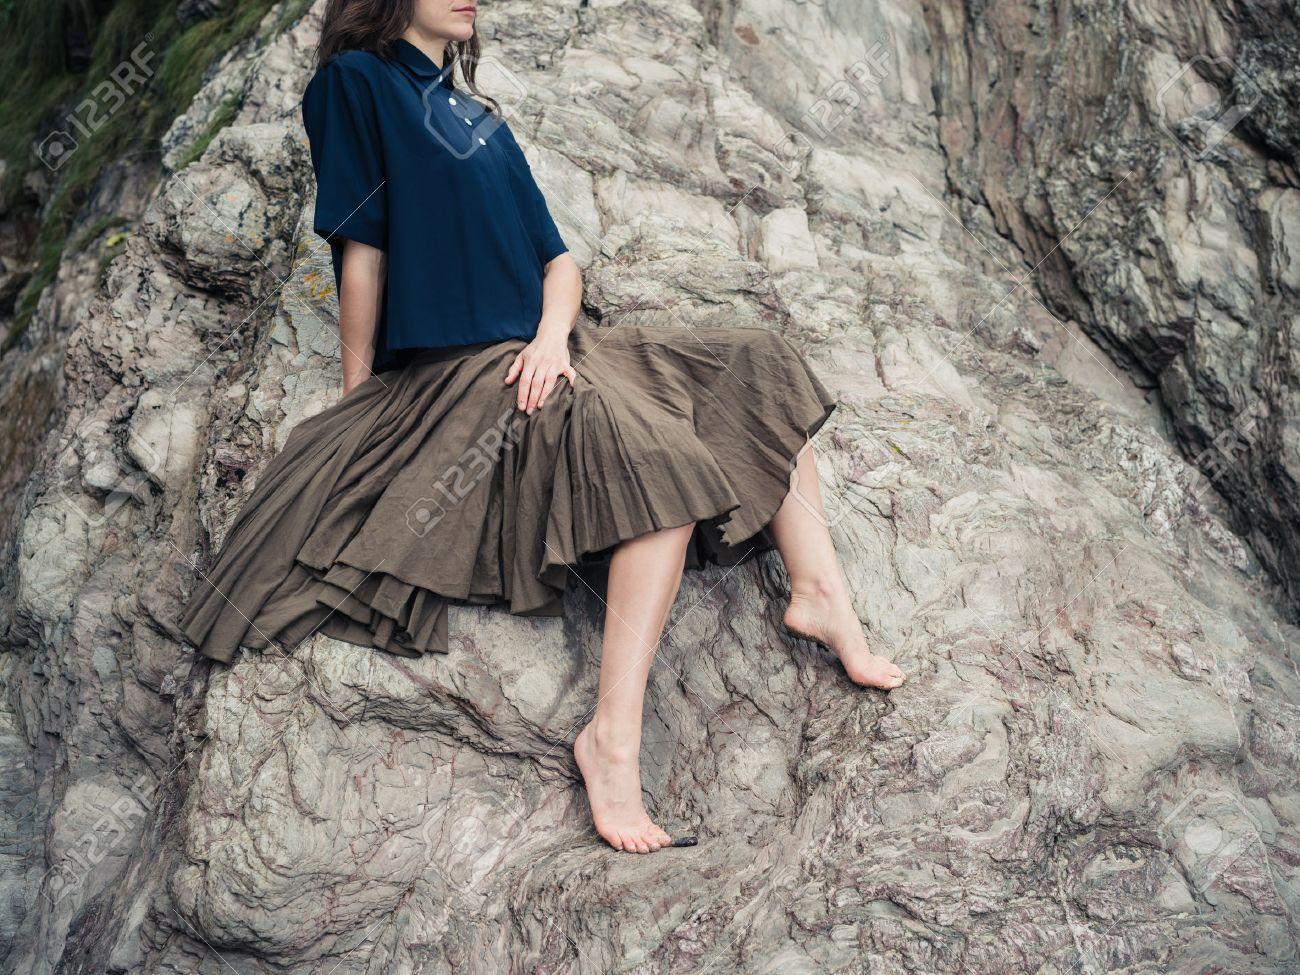 2b421d1d4 Una mujer descalza hermosa joven que llevaba una falda está sentado sobre  unas rocas